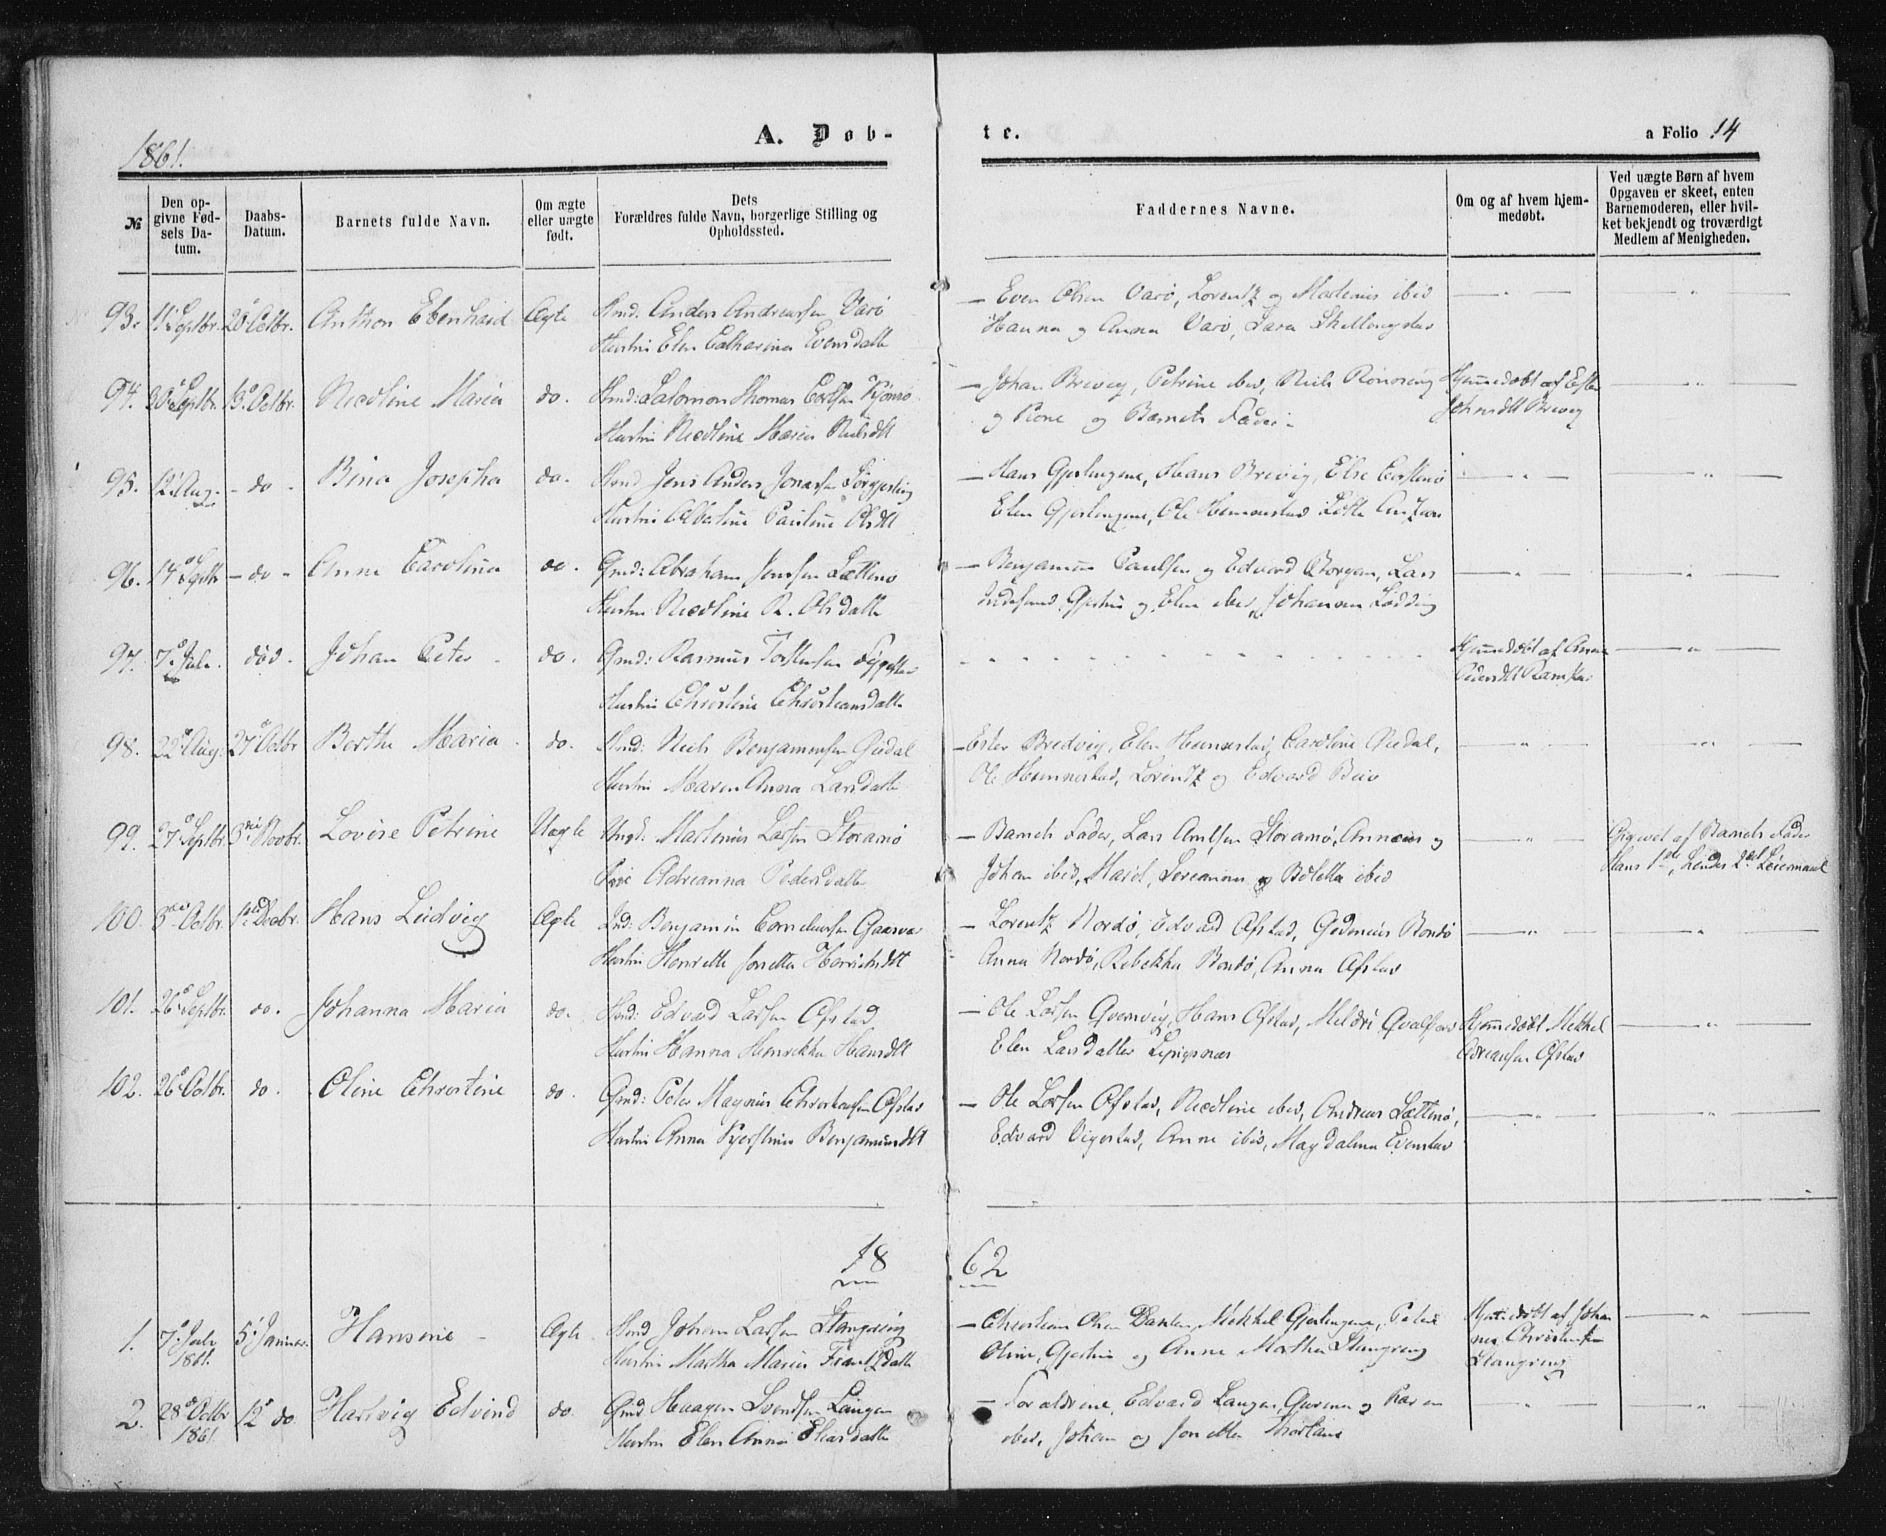 SAT, Ministerialprotokoller, klokkerbøker og fødselsregistre - Nord-Trøndelag, 784/L0670: Ministerialbok nr. 784A05, 1860-1876, s. 14